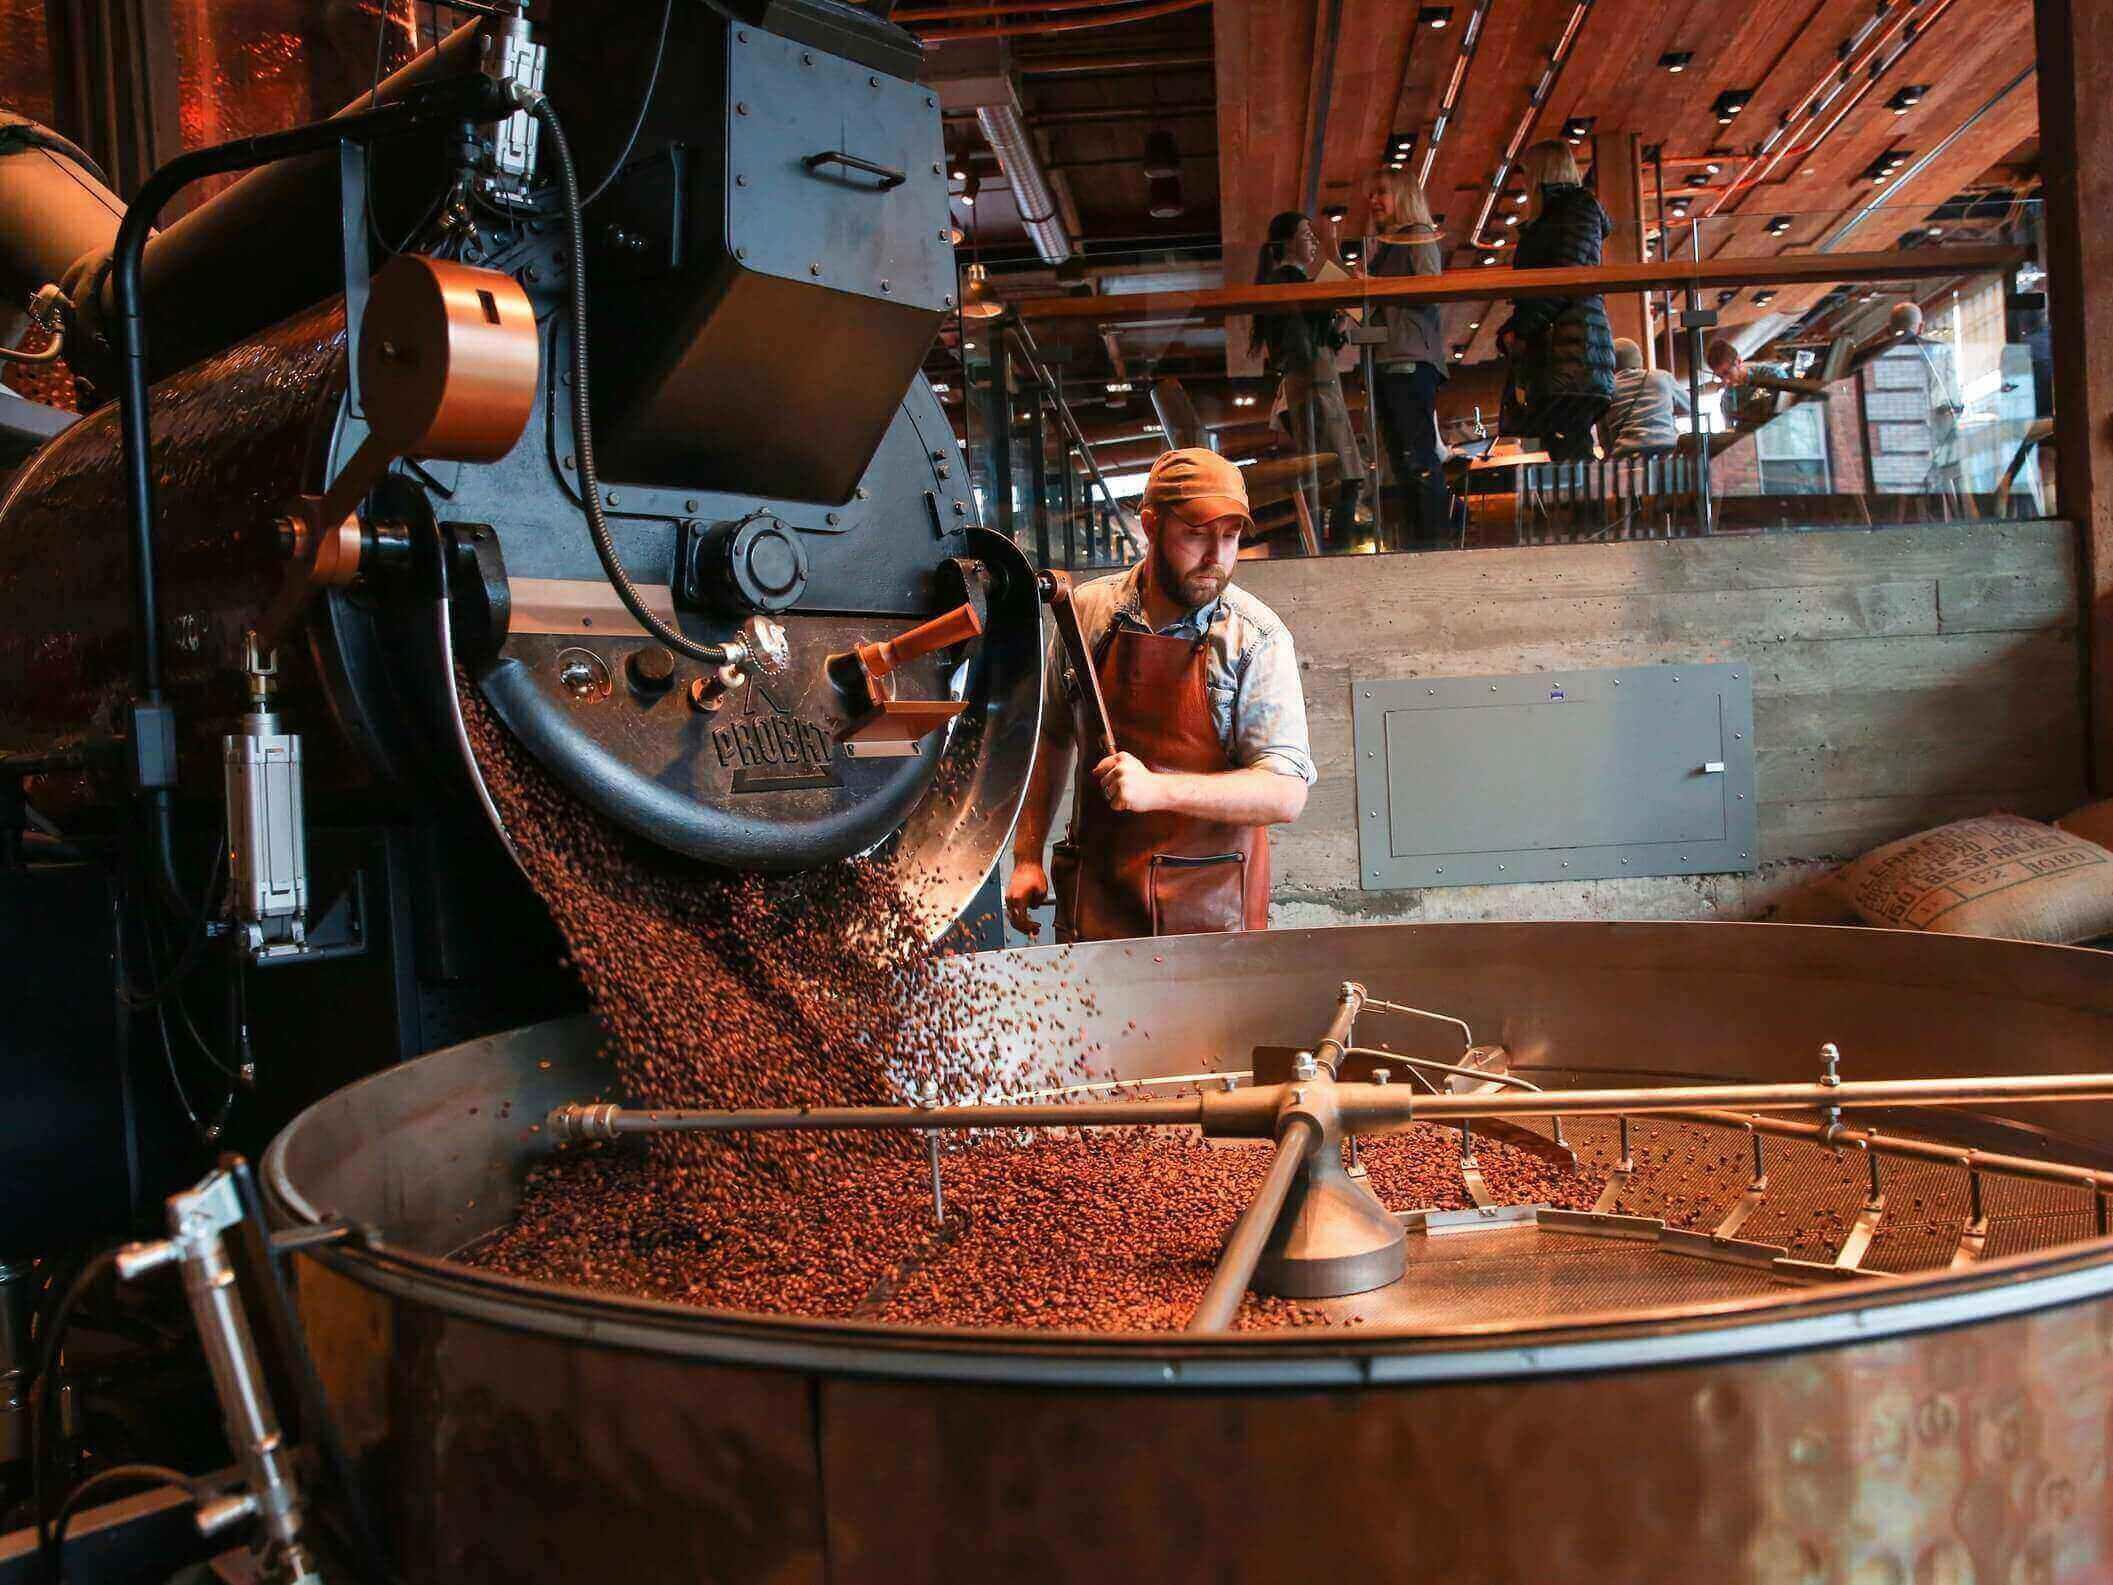 Starbucks откроет самую большую кофейню в мире